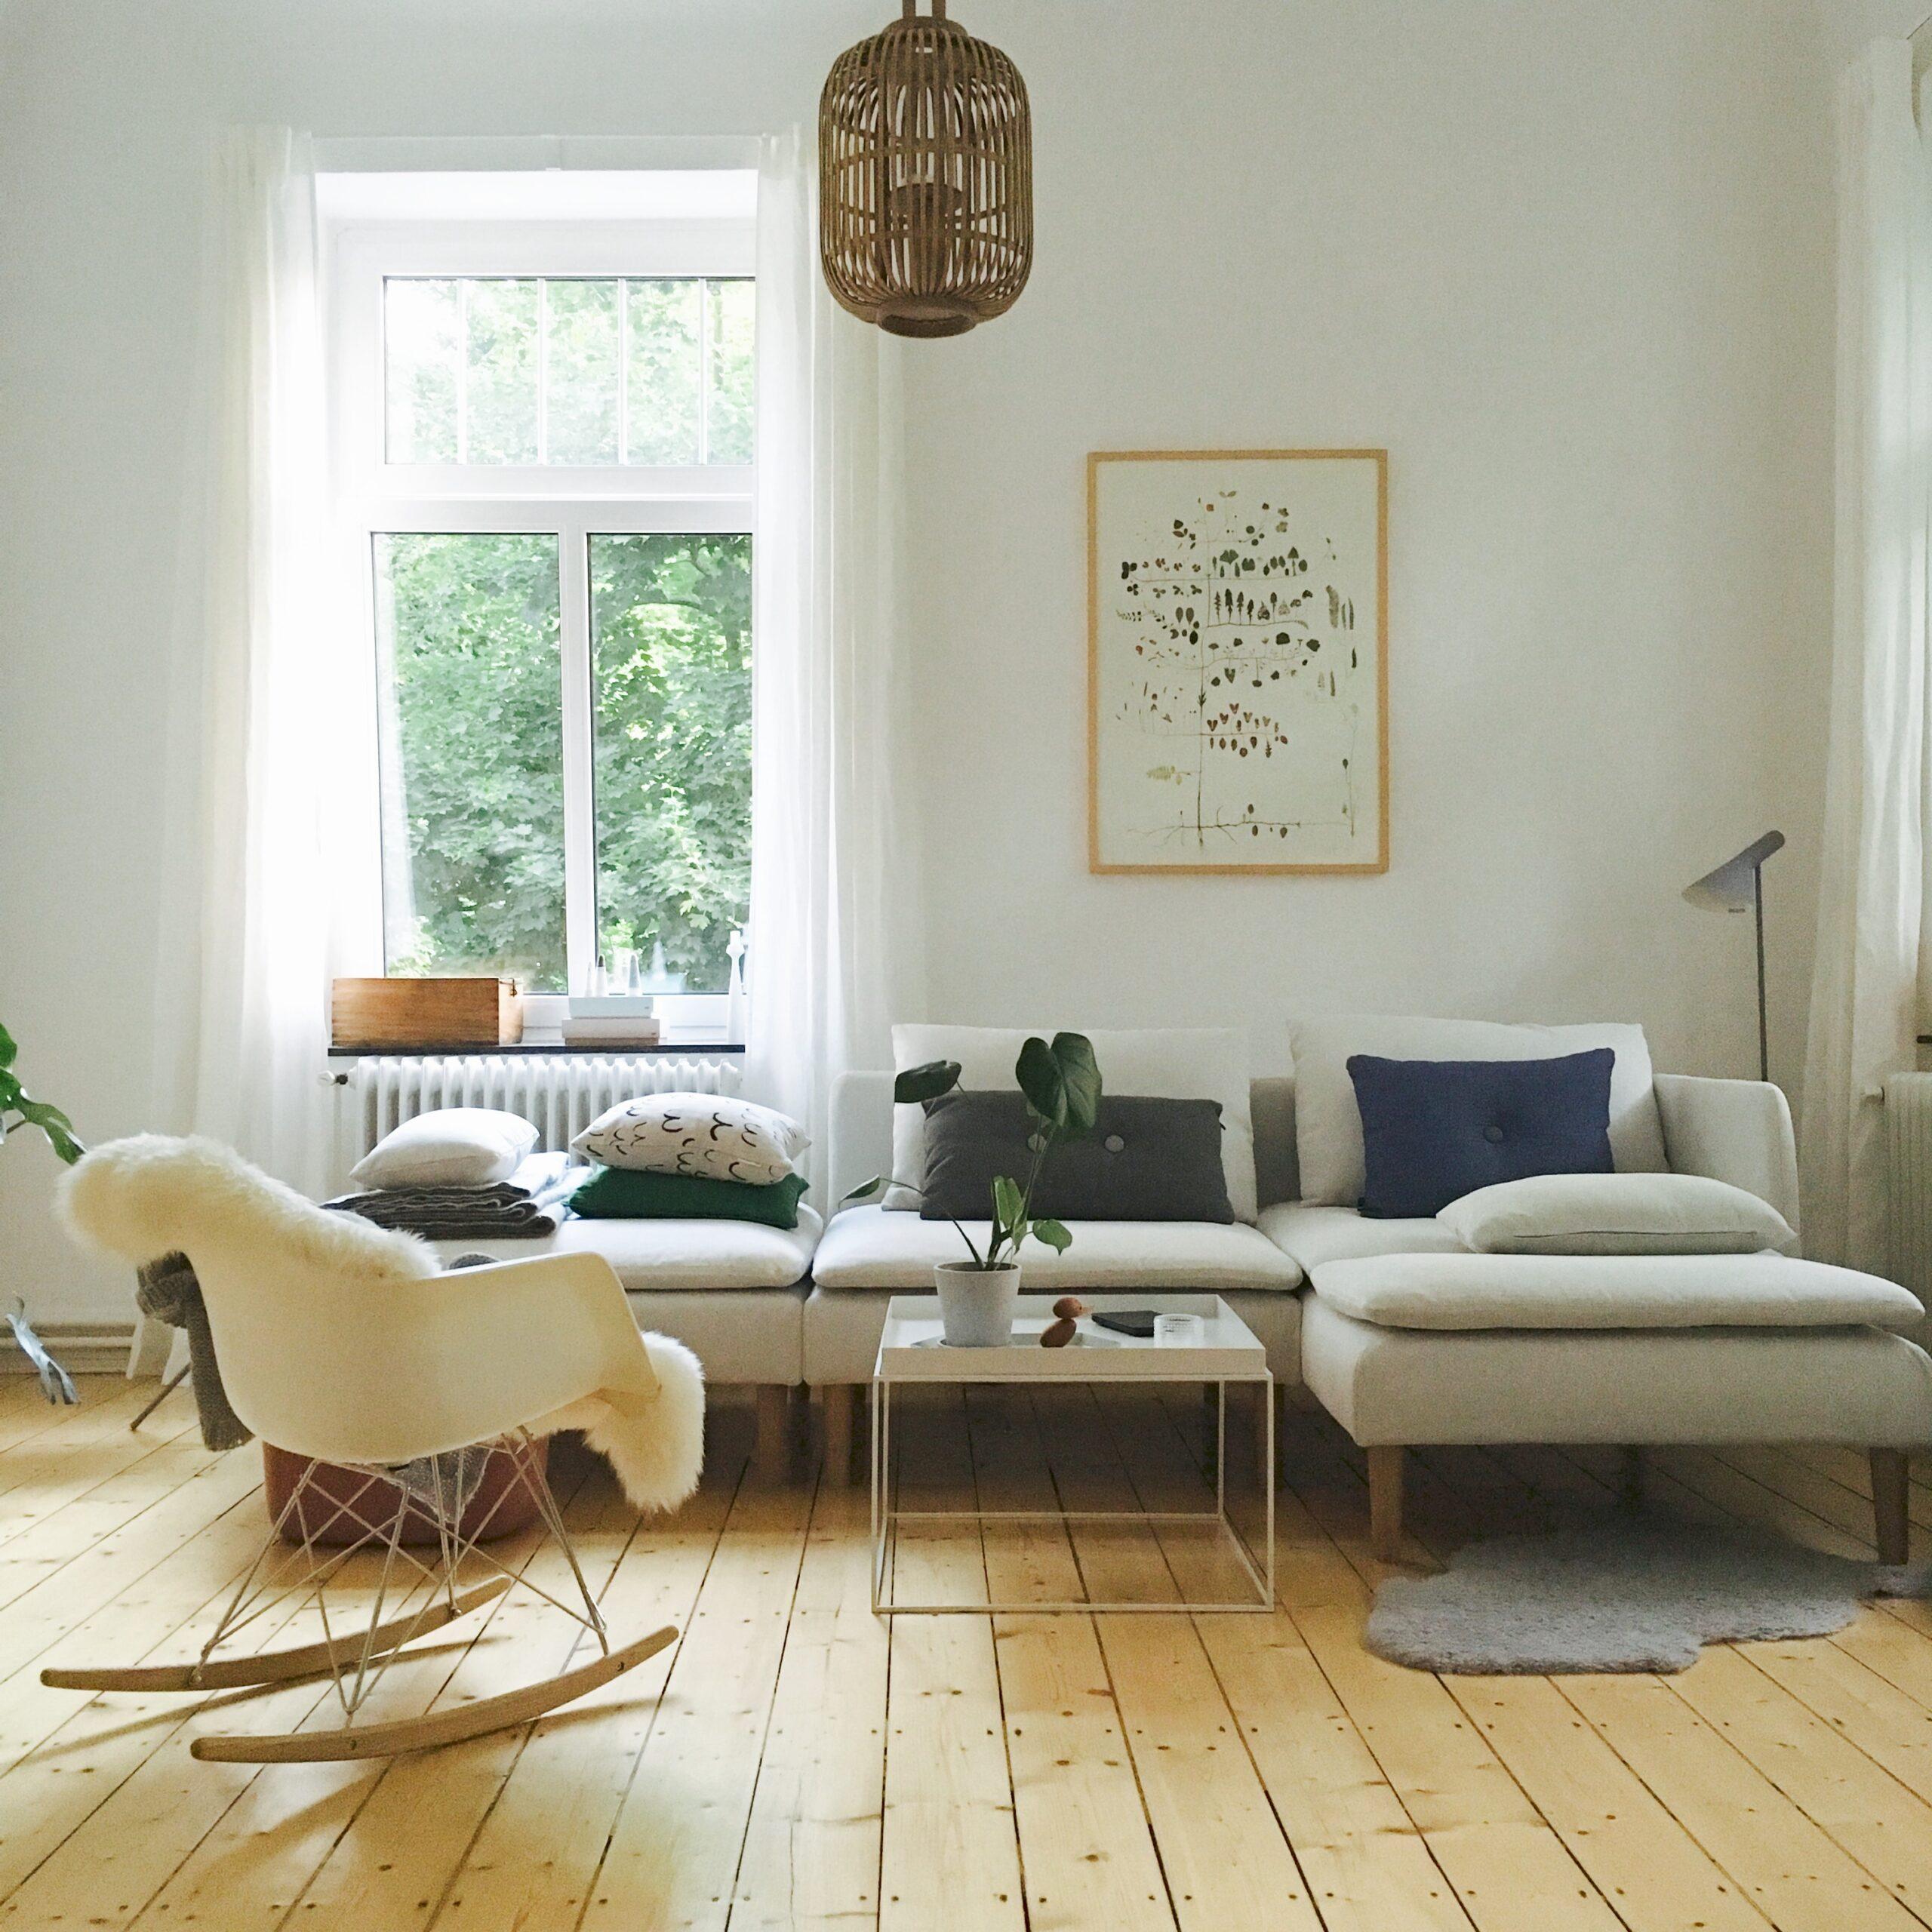 Full Size of Sofa Kaufen Ikea Schnsten Ideen Mit Den Sderhamn Sofas Riess Ambiente Reiniger Abnehmbaren Bezug Englisch Big Stilecht Leder Hocker Betten Bei Kare Vitra Wohnzimmer Sofa Kaufen Ikea